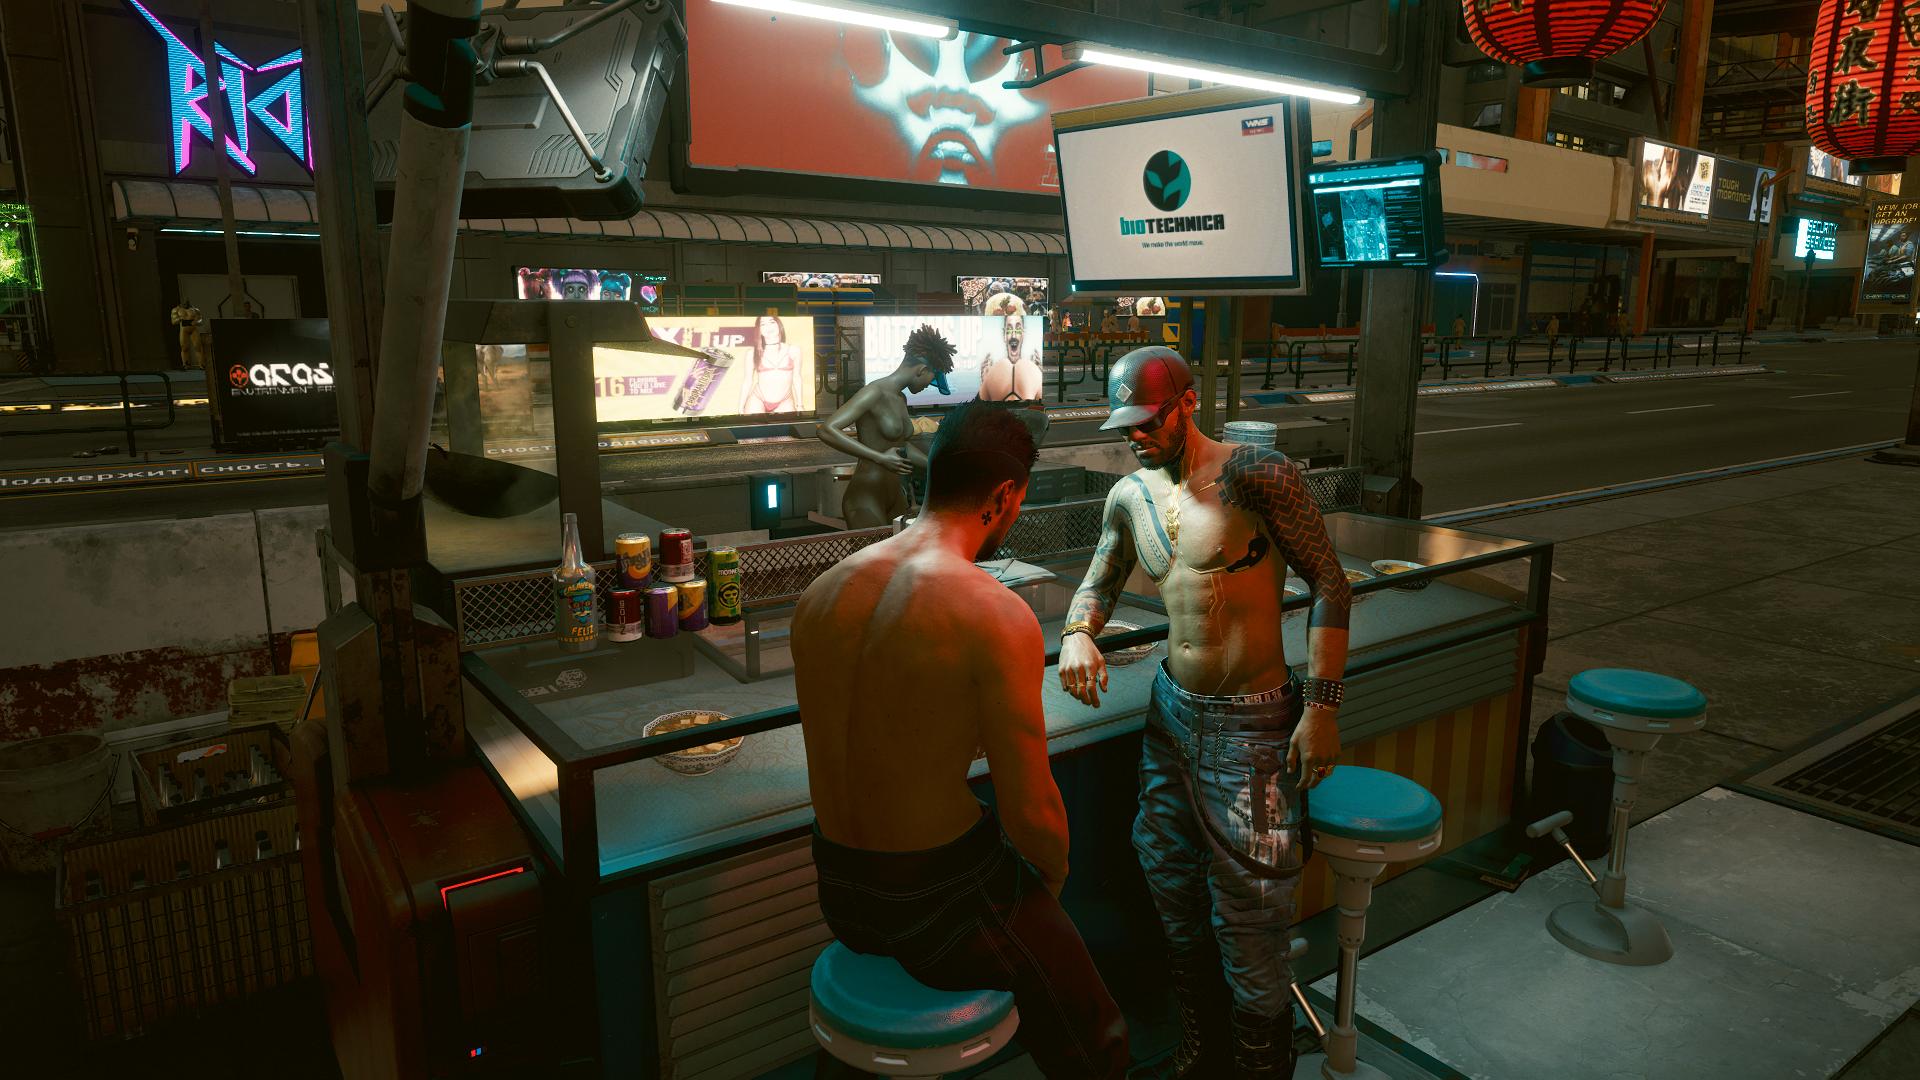 """Керри:-""""Пойдём посмотрим как можно попасть в клуб «Райот»."""